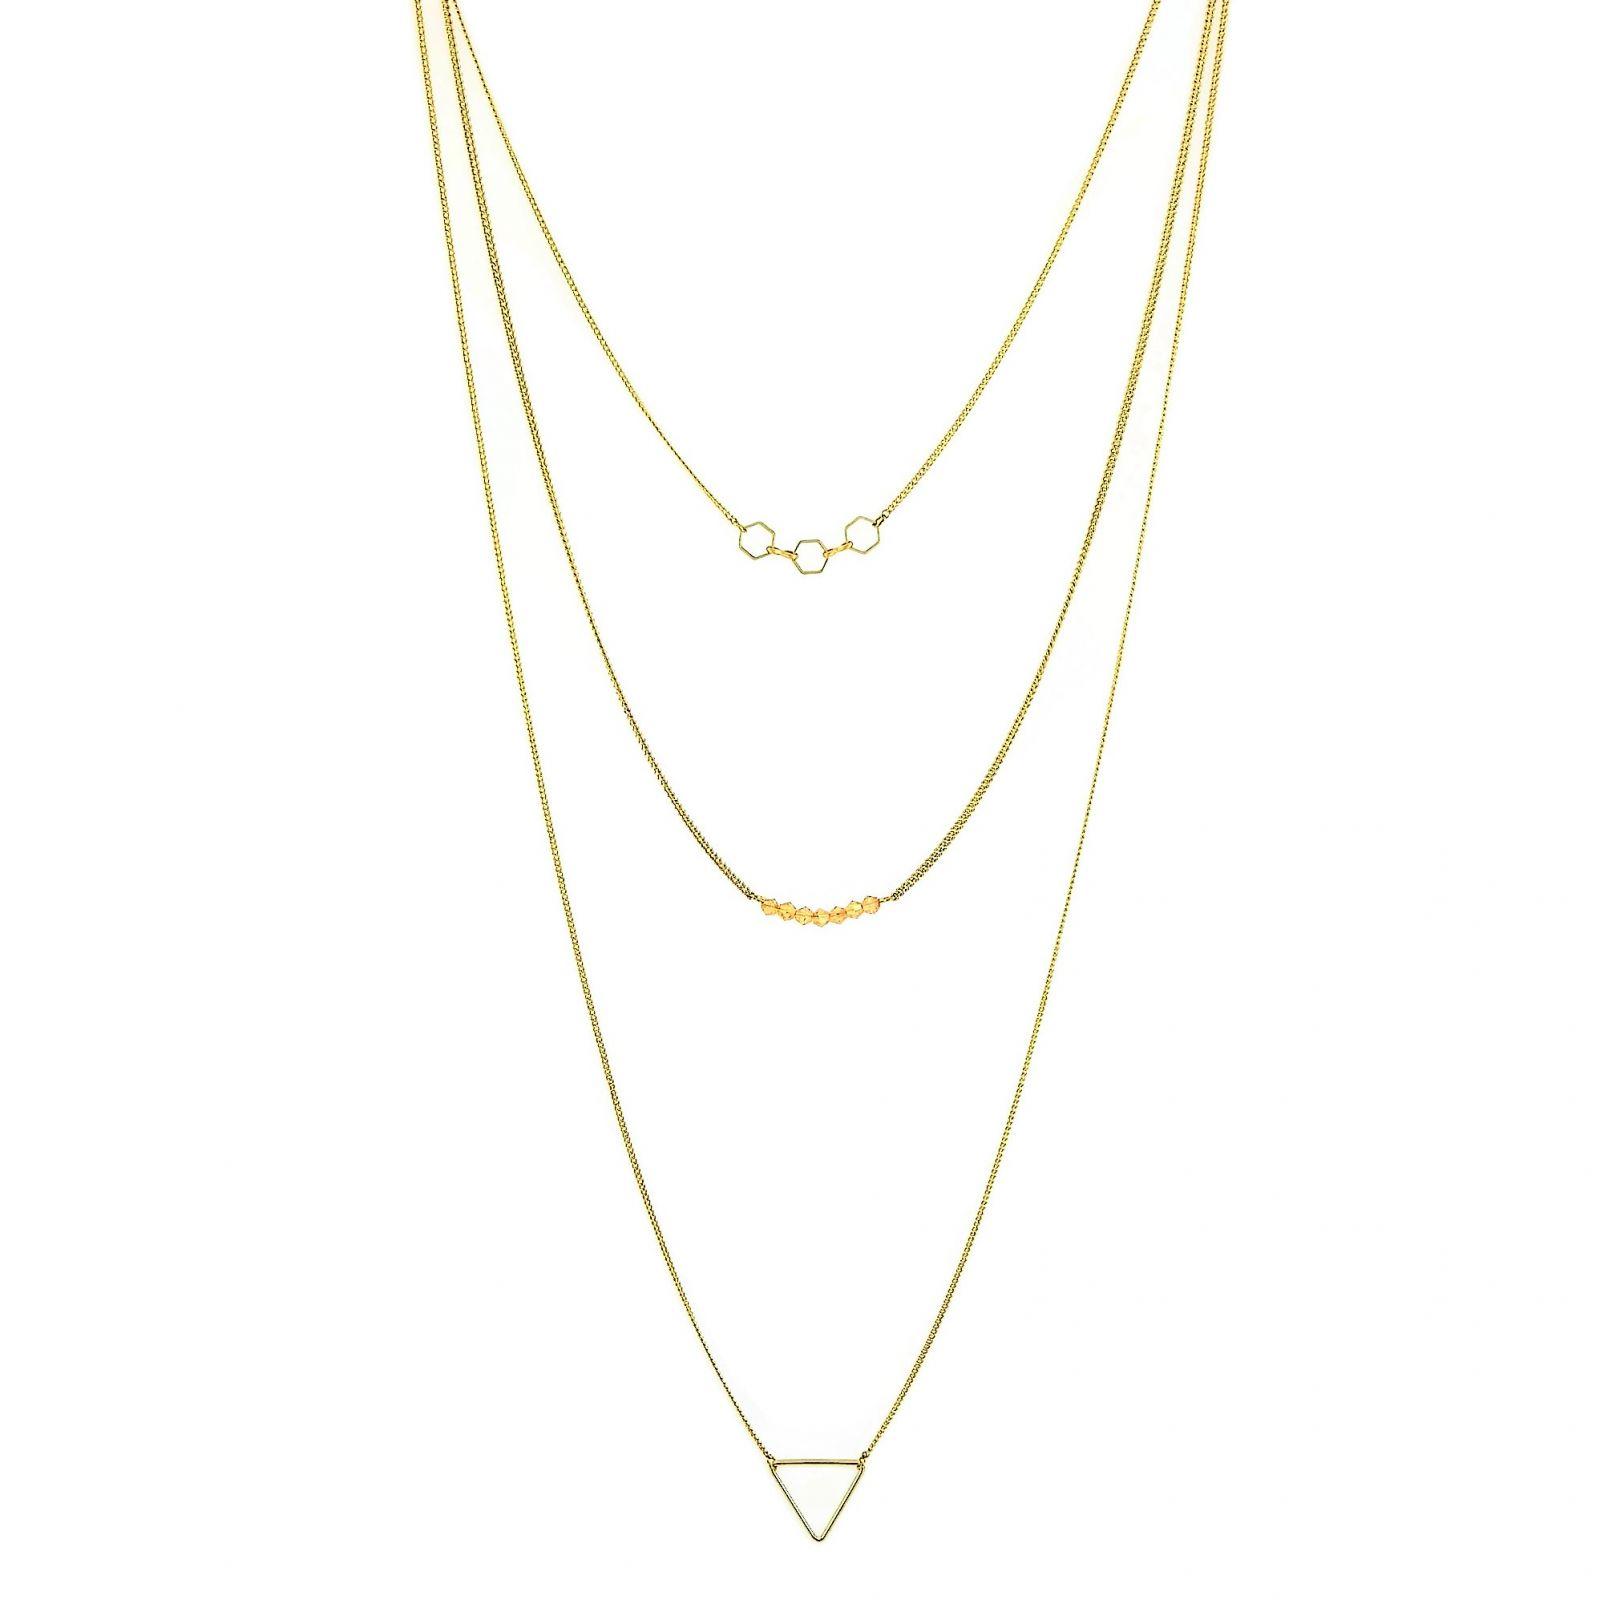 Zlatý náhrdelník s ozdobami různých geometrických tvarů